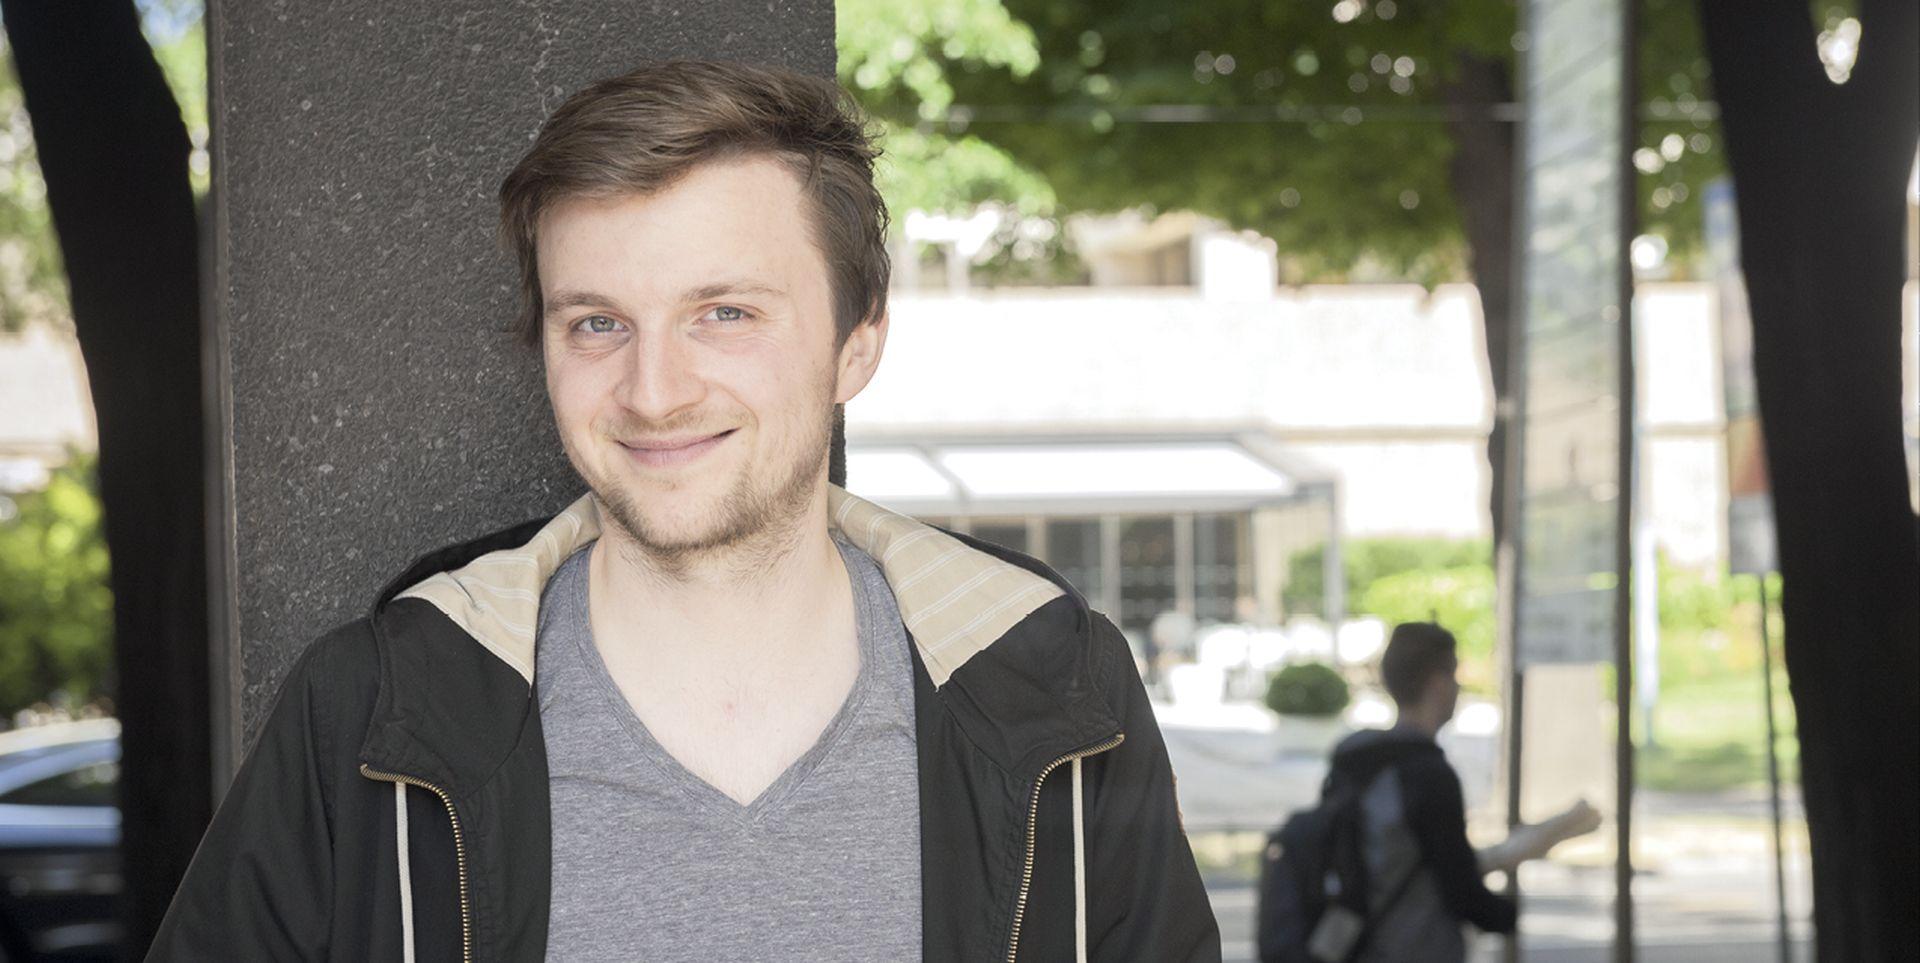 INTERVIEW: DANIEL MOßBRUCKER 'Zbog zloupotrebe pojma 'lažne vijesti' publika ne zna treba li uopće vjerovati medijima'